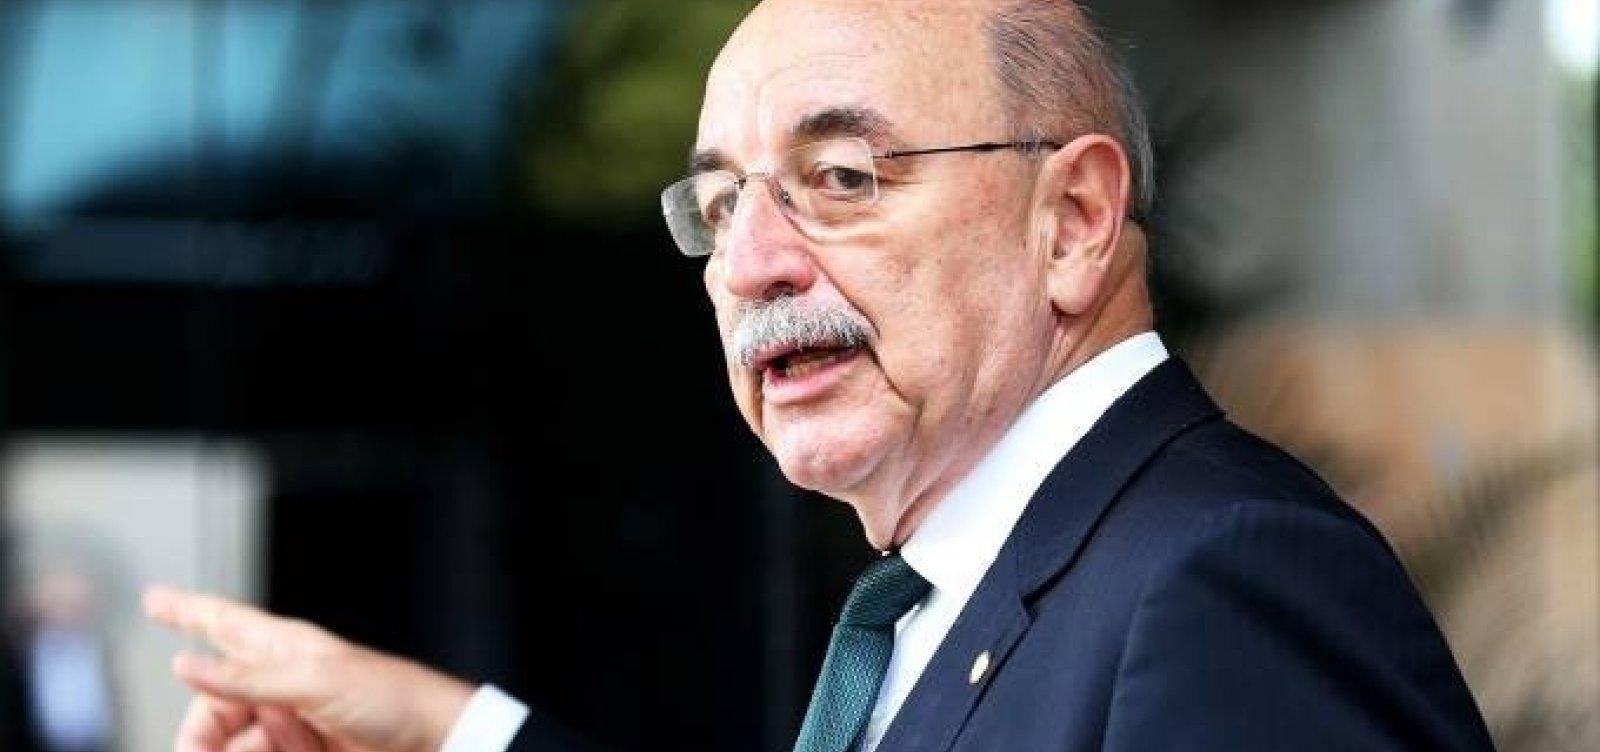 Com custo de R$ 7 milhões, levantamento sobre uso das drogas é engavetado pelo governo